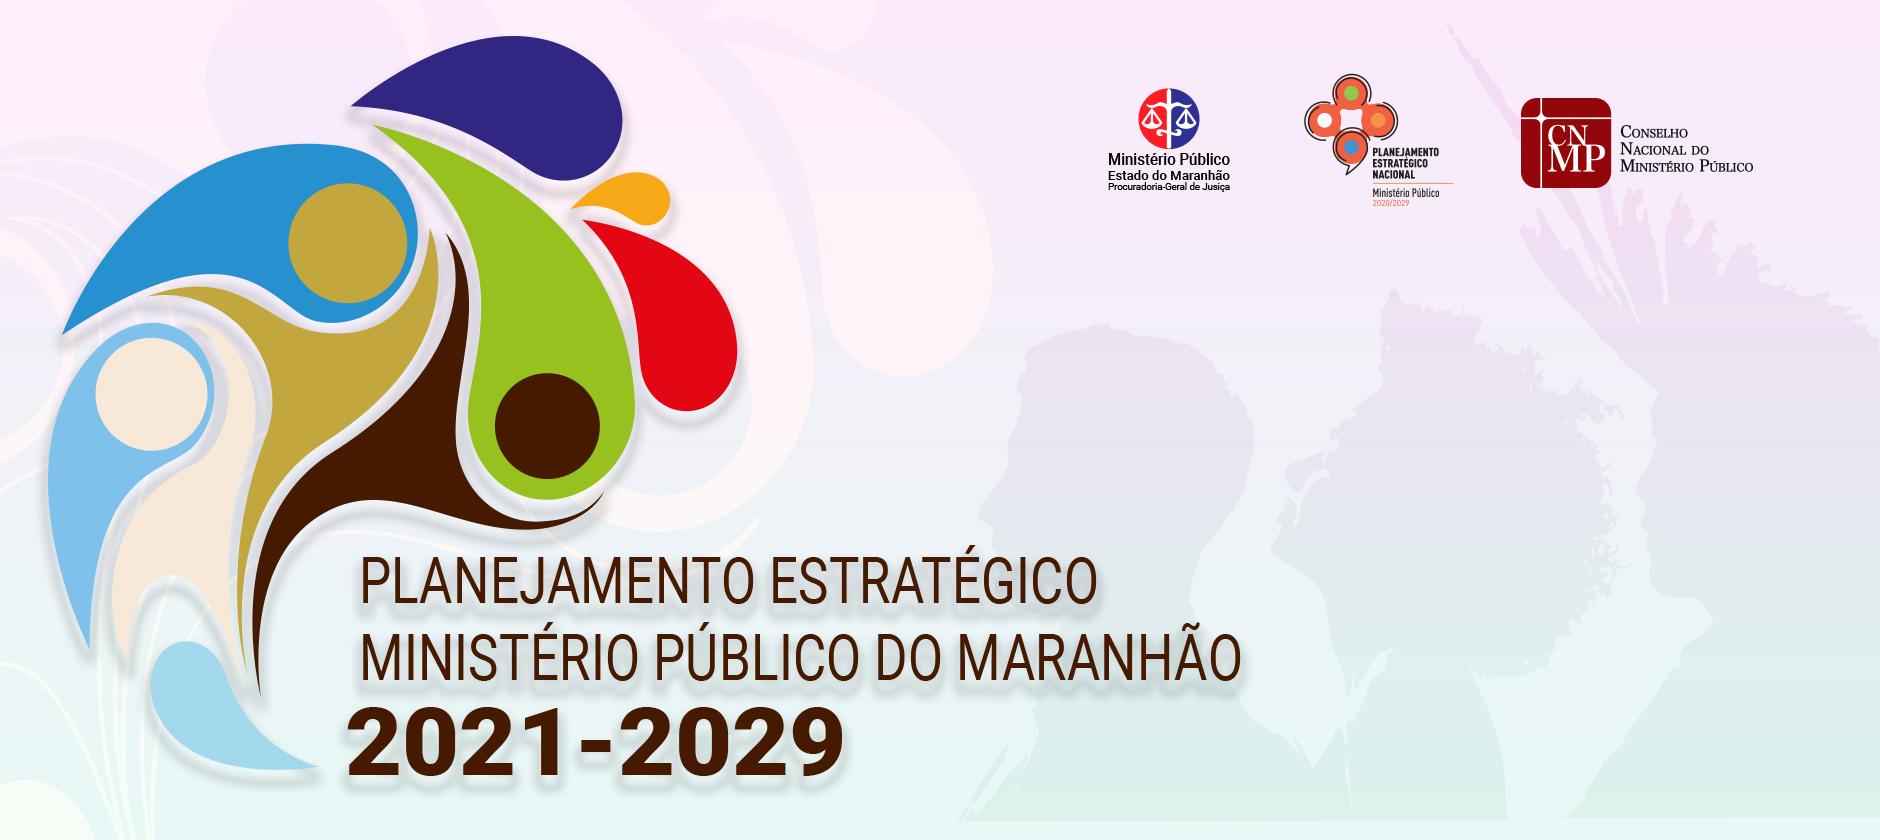 Planejamento Estratégico: Oficina de Construção do Planejamento Estratégico 2021/2029 - Regional Timon